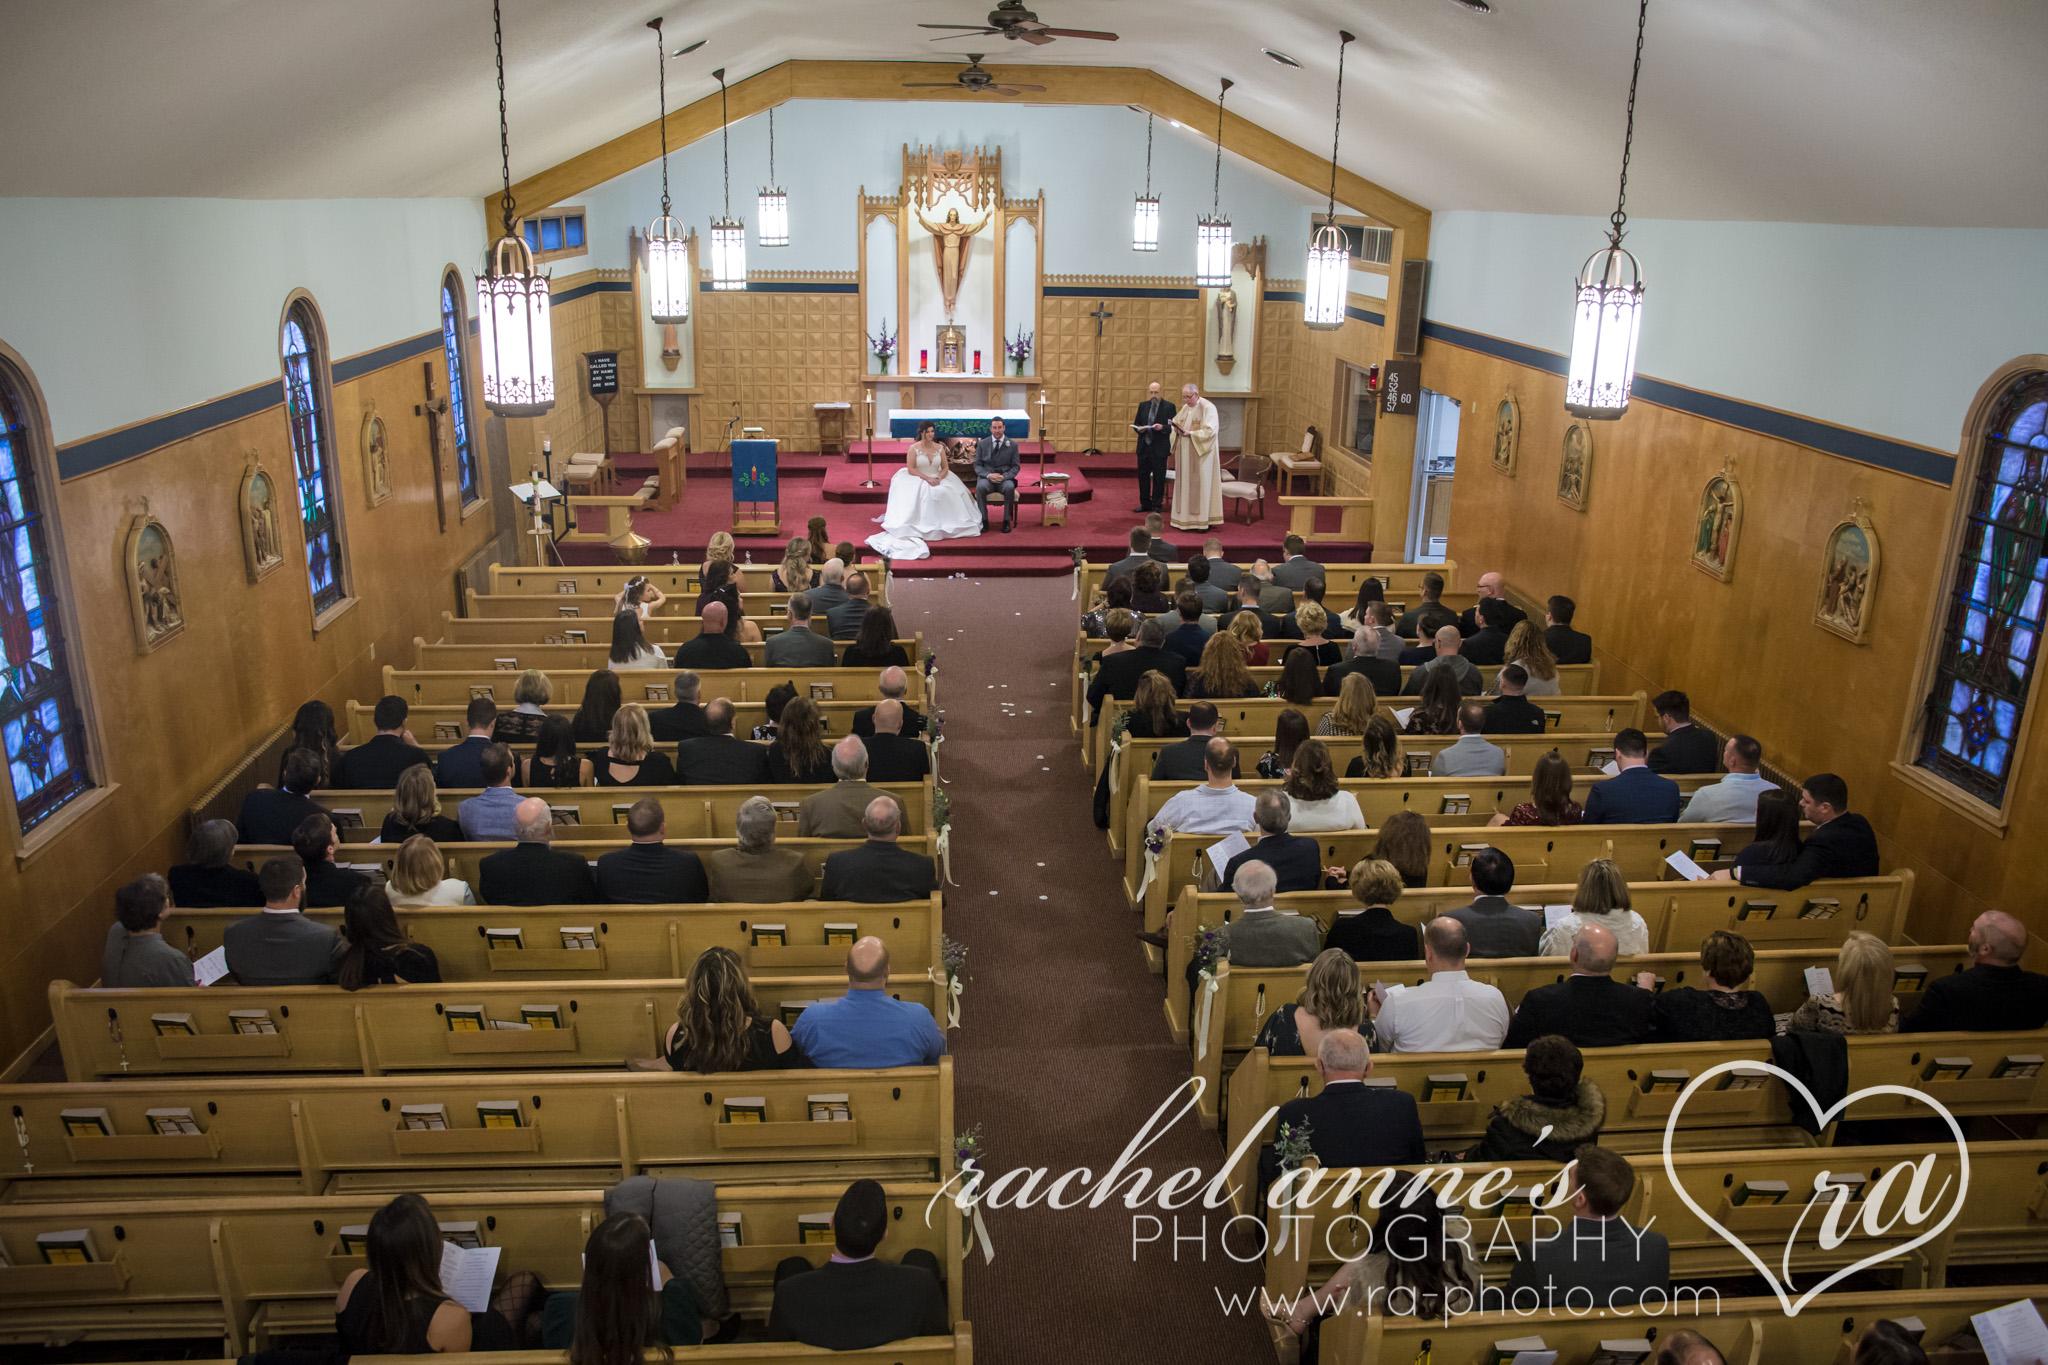 047-CAP-CURWENSVILLE-PA-TREASURE-LAKEVIEW-LODGE-WEDDINGS.jpg